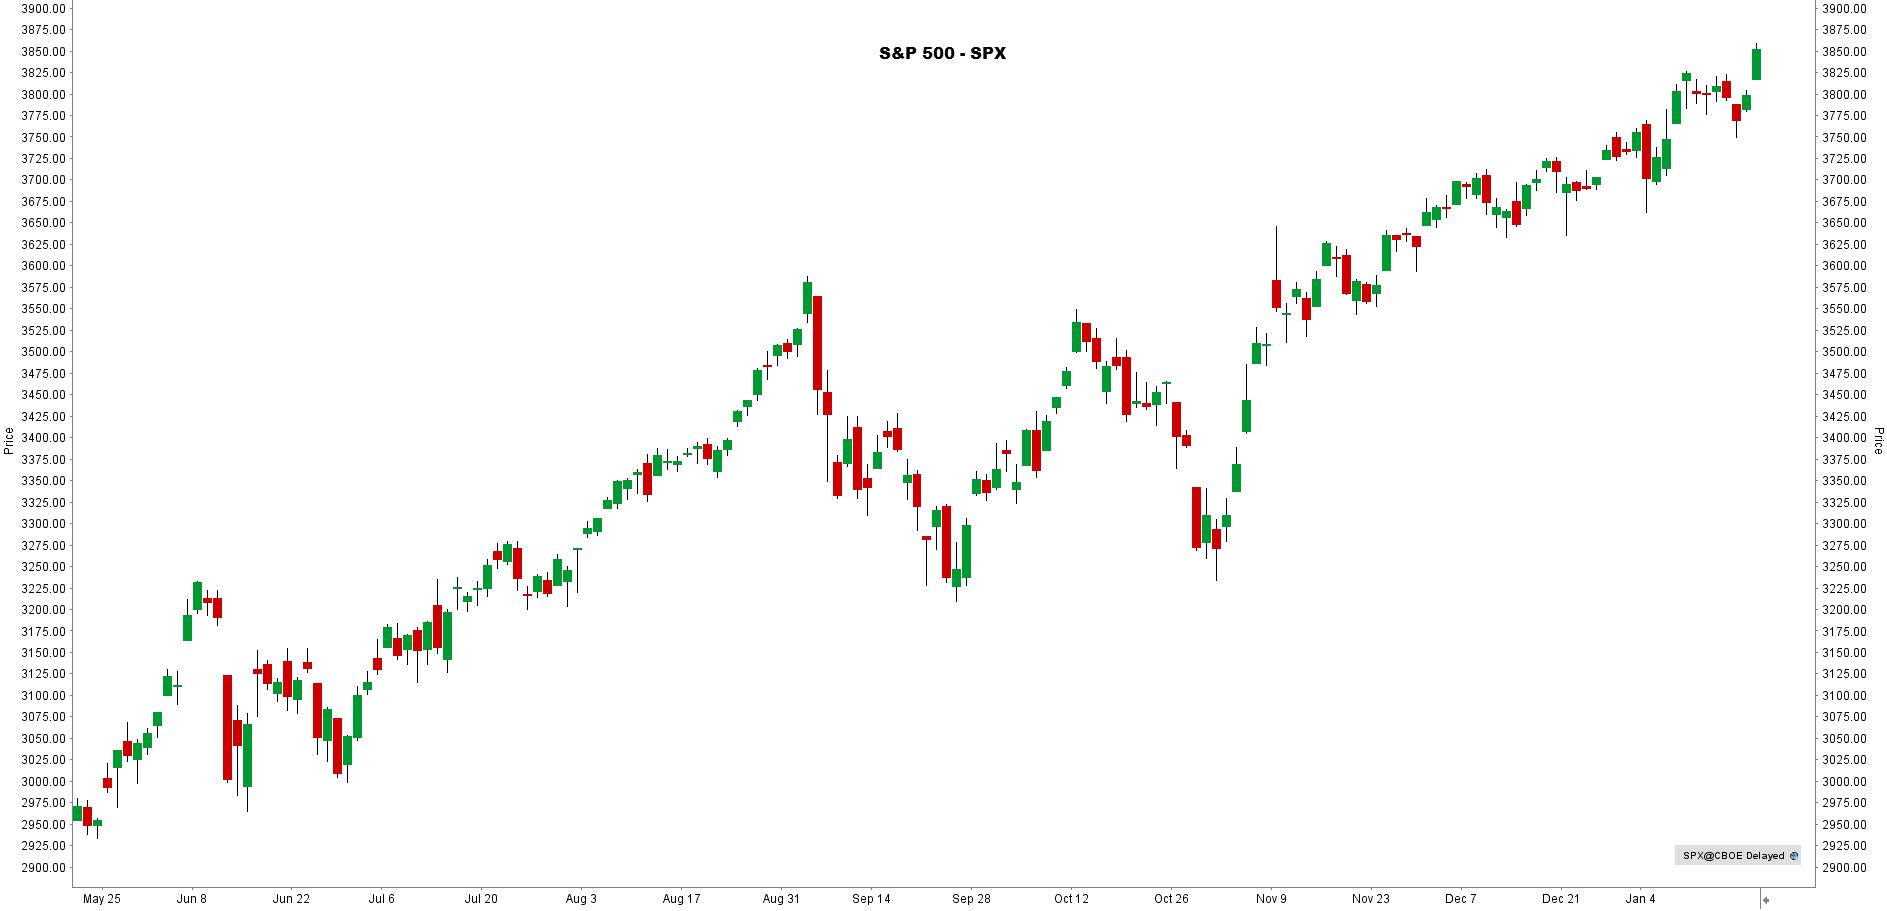 la chronique lynx broker 210121 - graphique S&P500